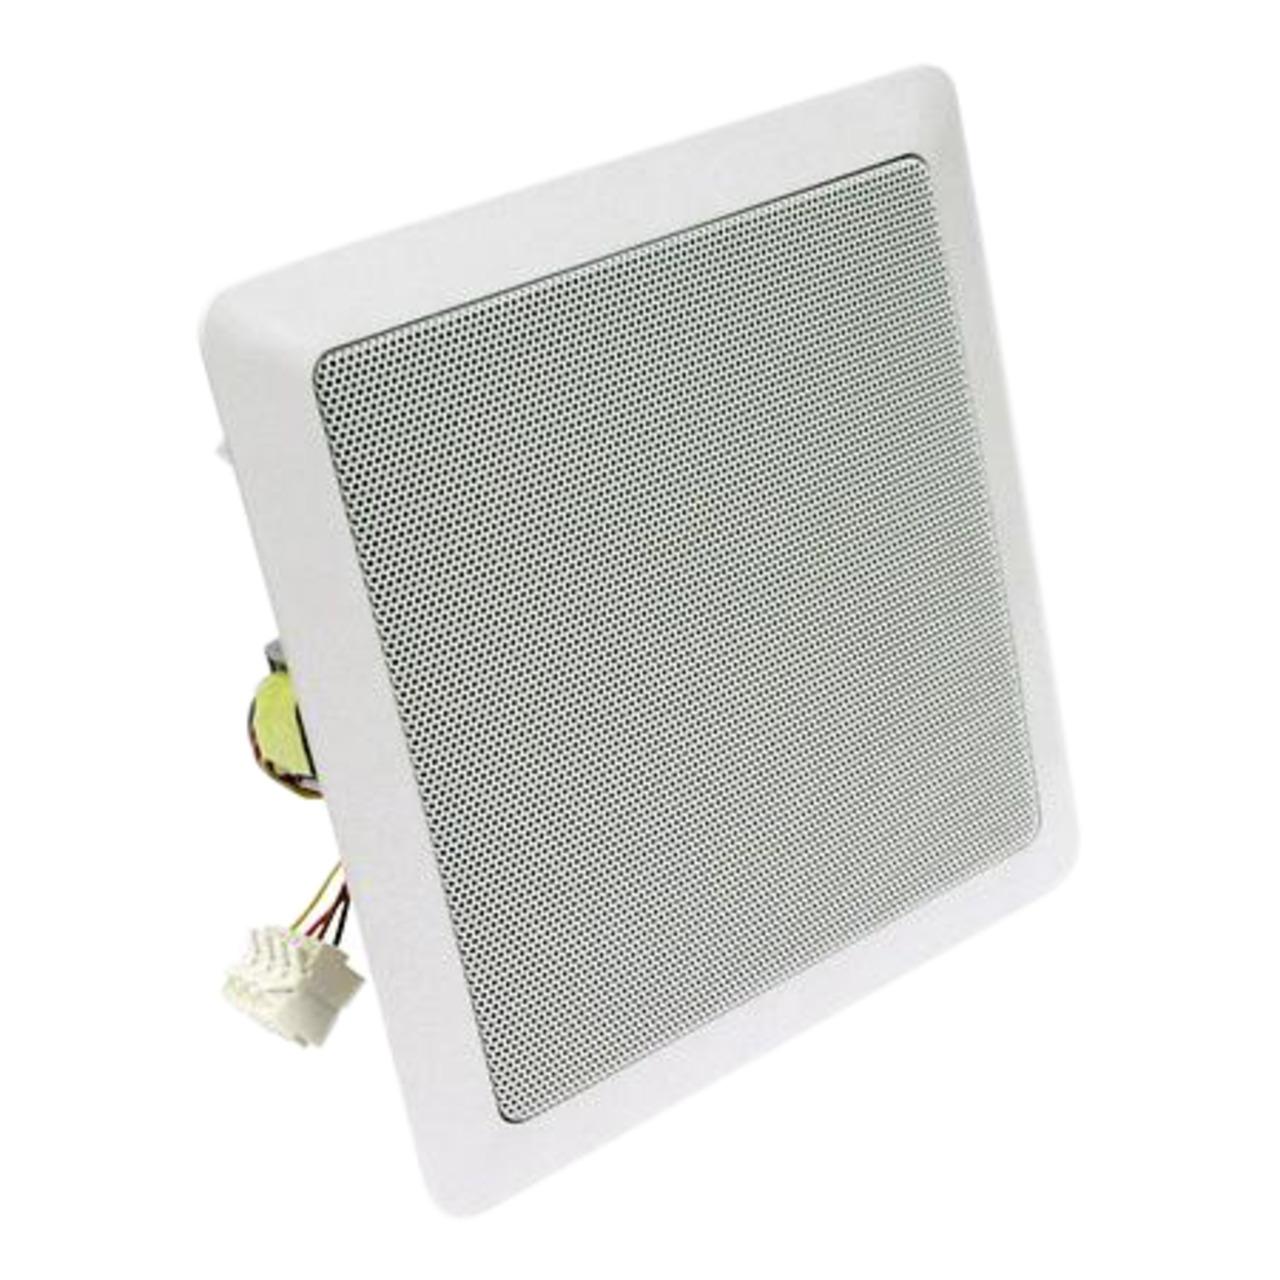 VISATON 2-Wege-Decken- und Wandeinbaulautsprecher DL 18-2 SQ 8 Ohm- 100 V